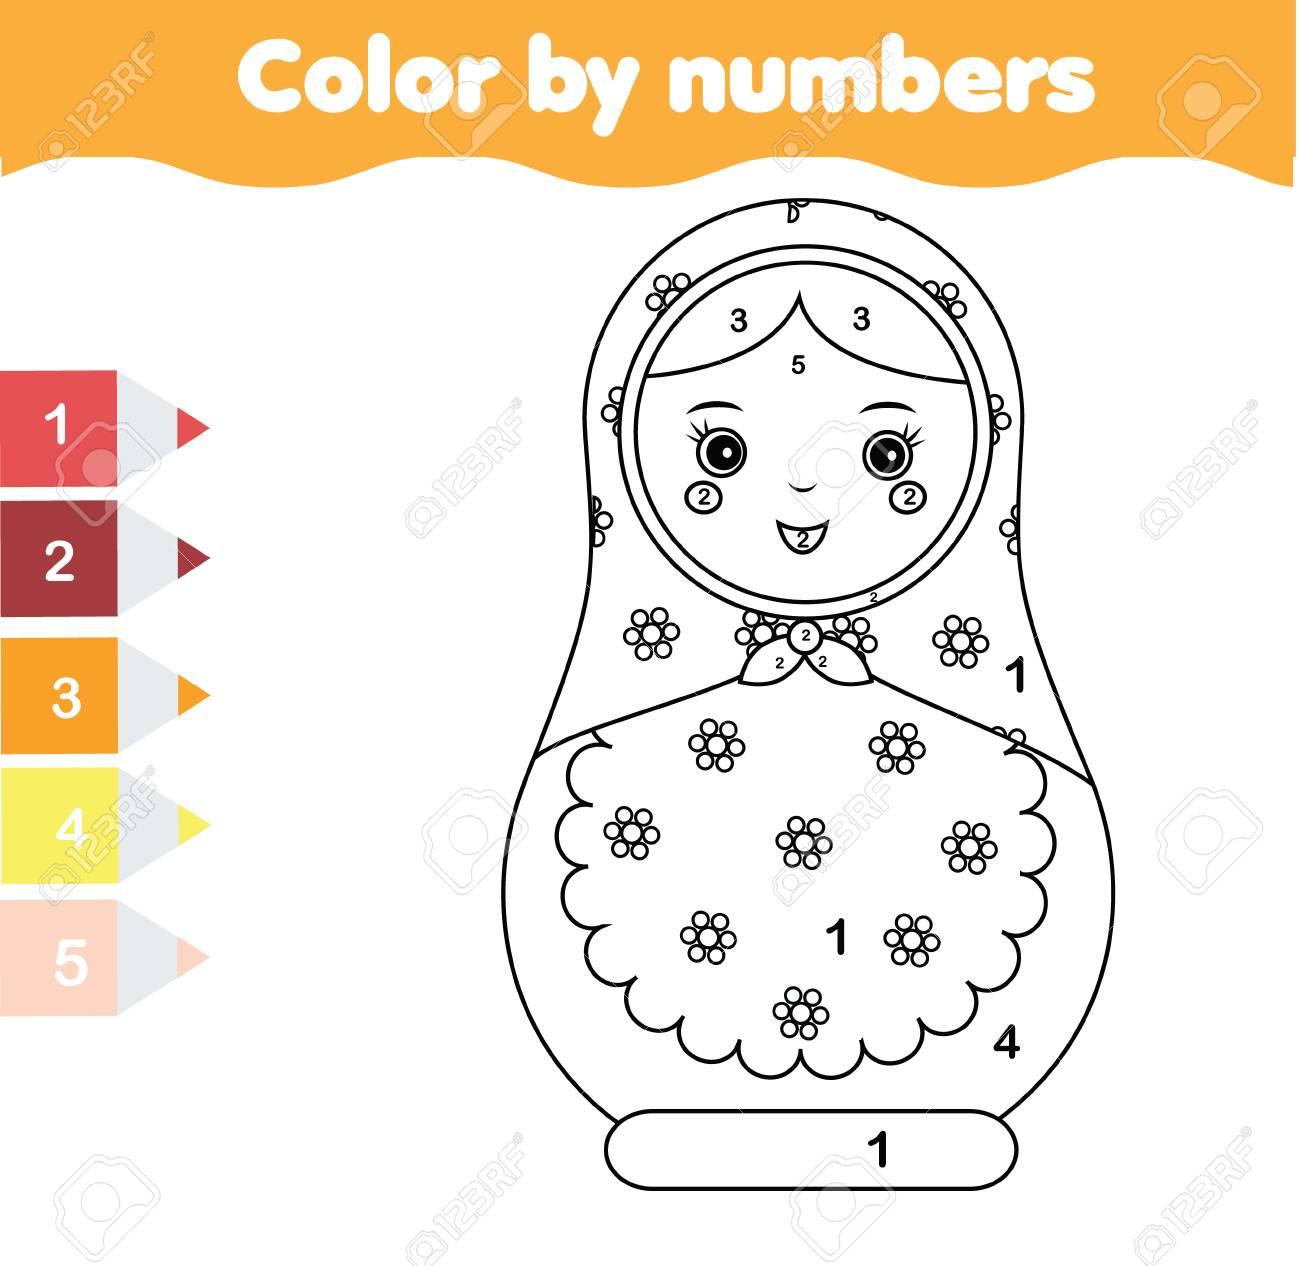 Juego Educativo Para Niños Dibujo Para Colorear Con La Muñeca Matreshka Color Por Números Actividad Imprimible Hoja De Trabajo Para Niños Pequeños